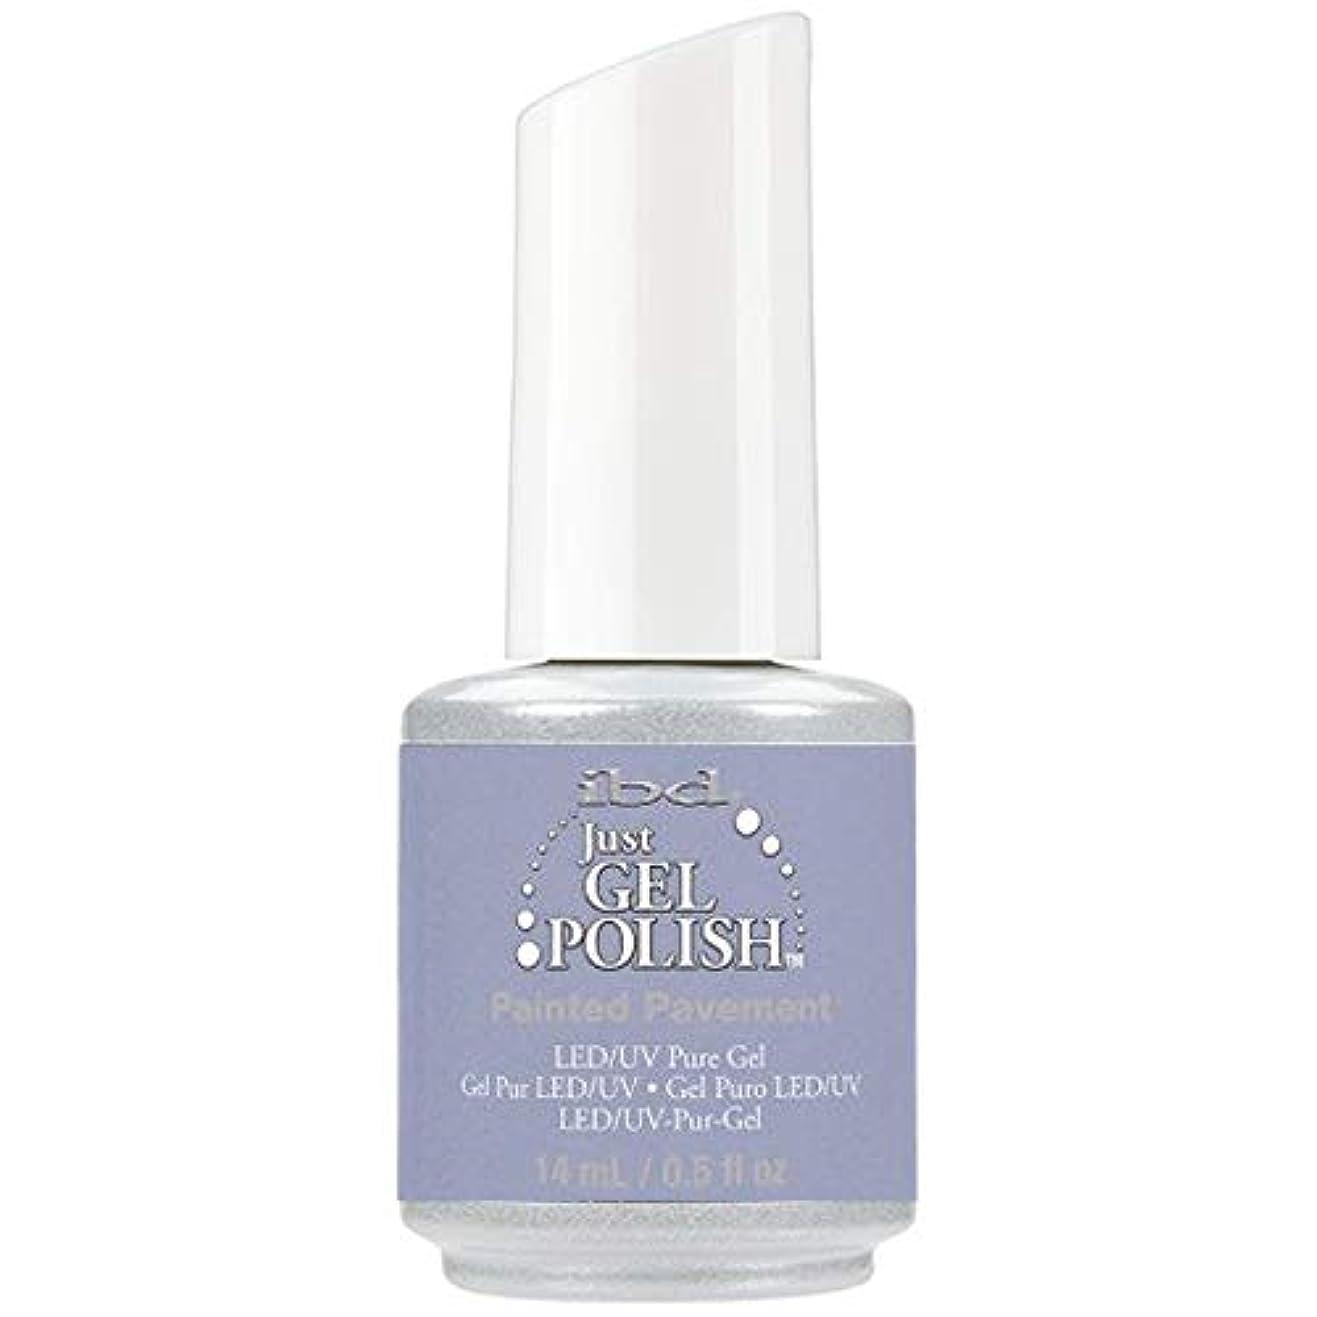 刺繍補助全国ibd Just Gel Nail Polish - Painted Pavement - 14ml / 0.5oz